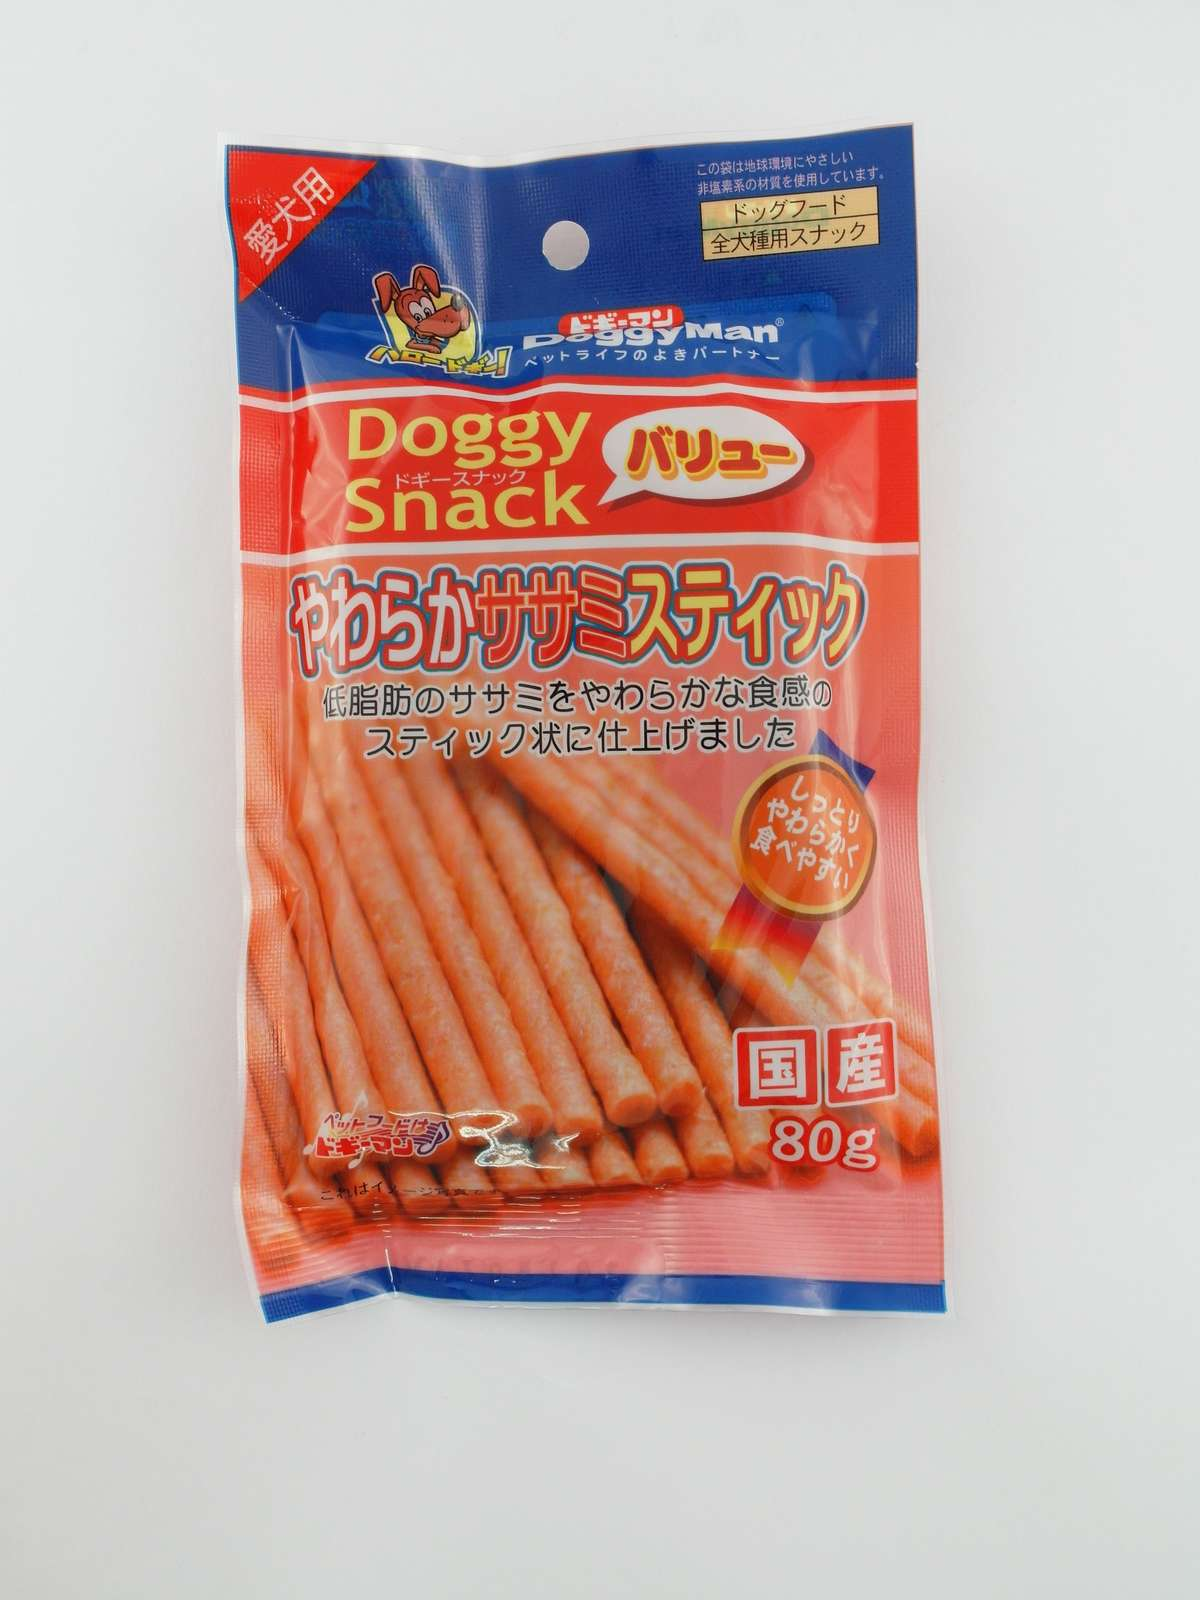 Doggy Snack Value Soft sasami stick 80g